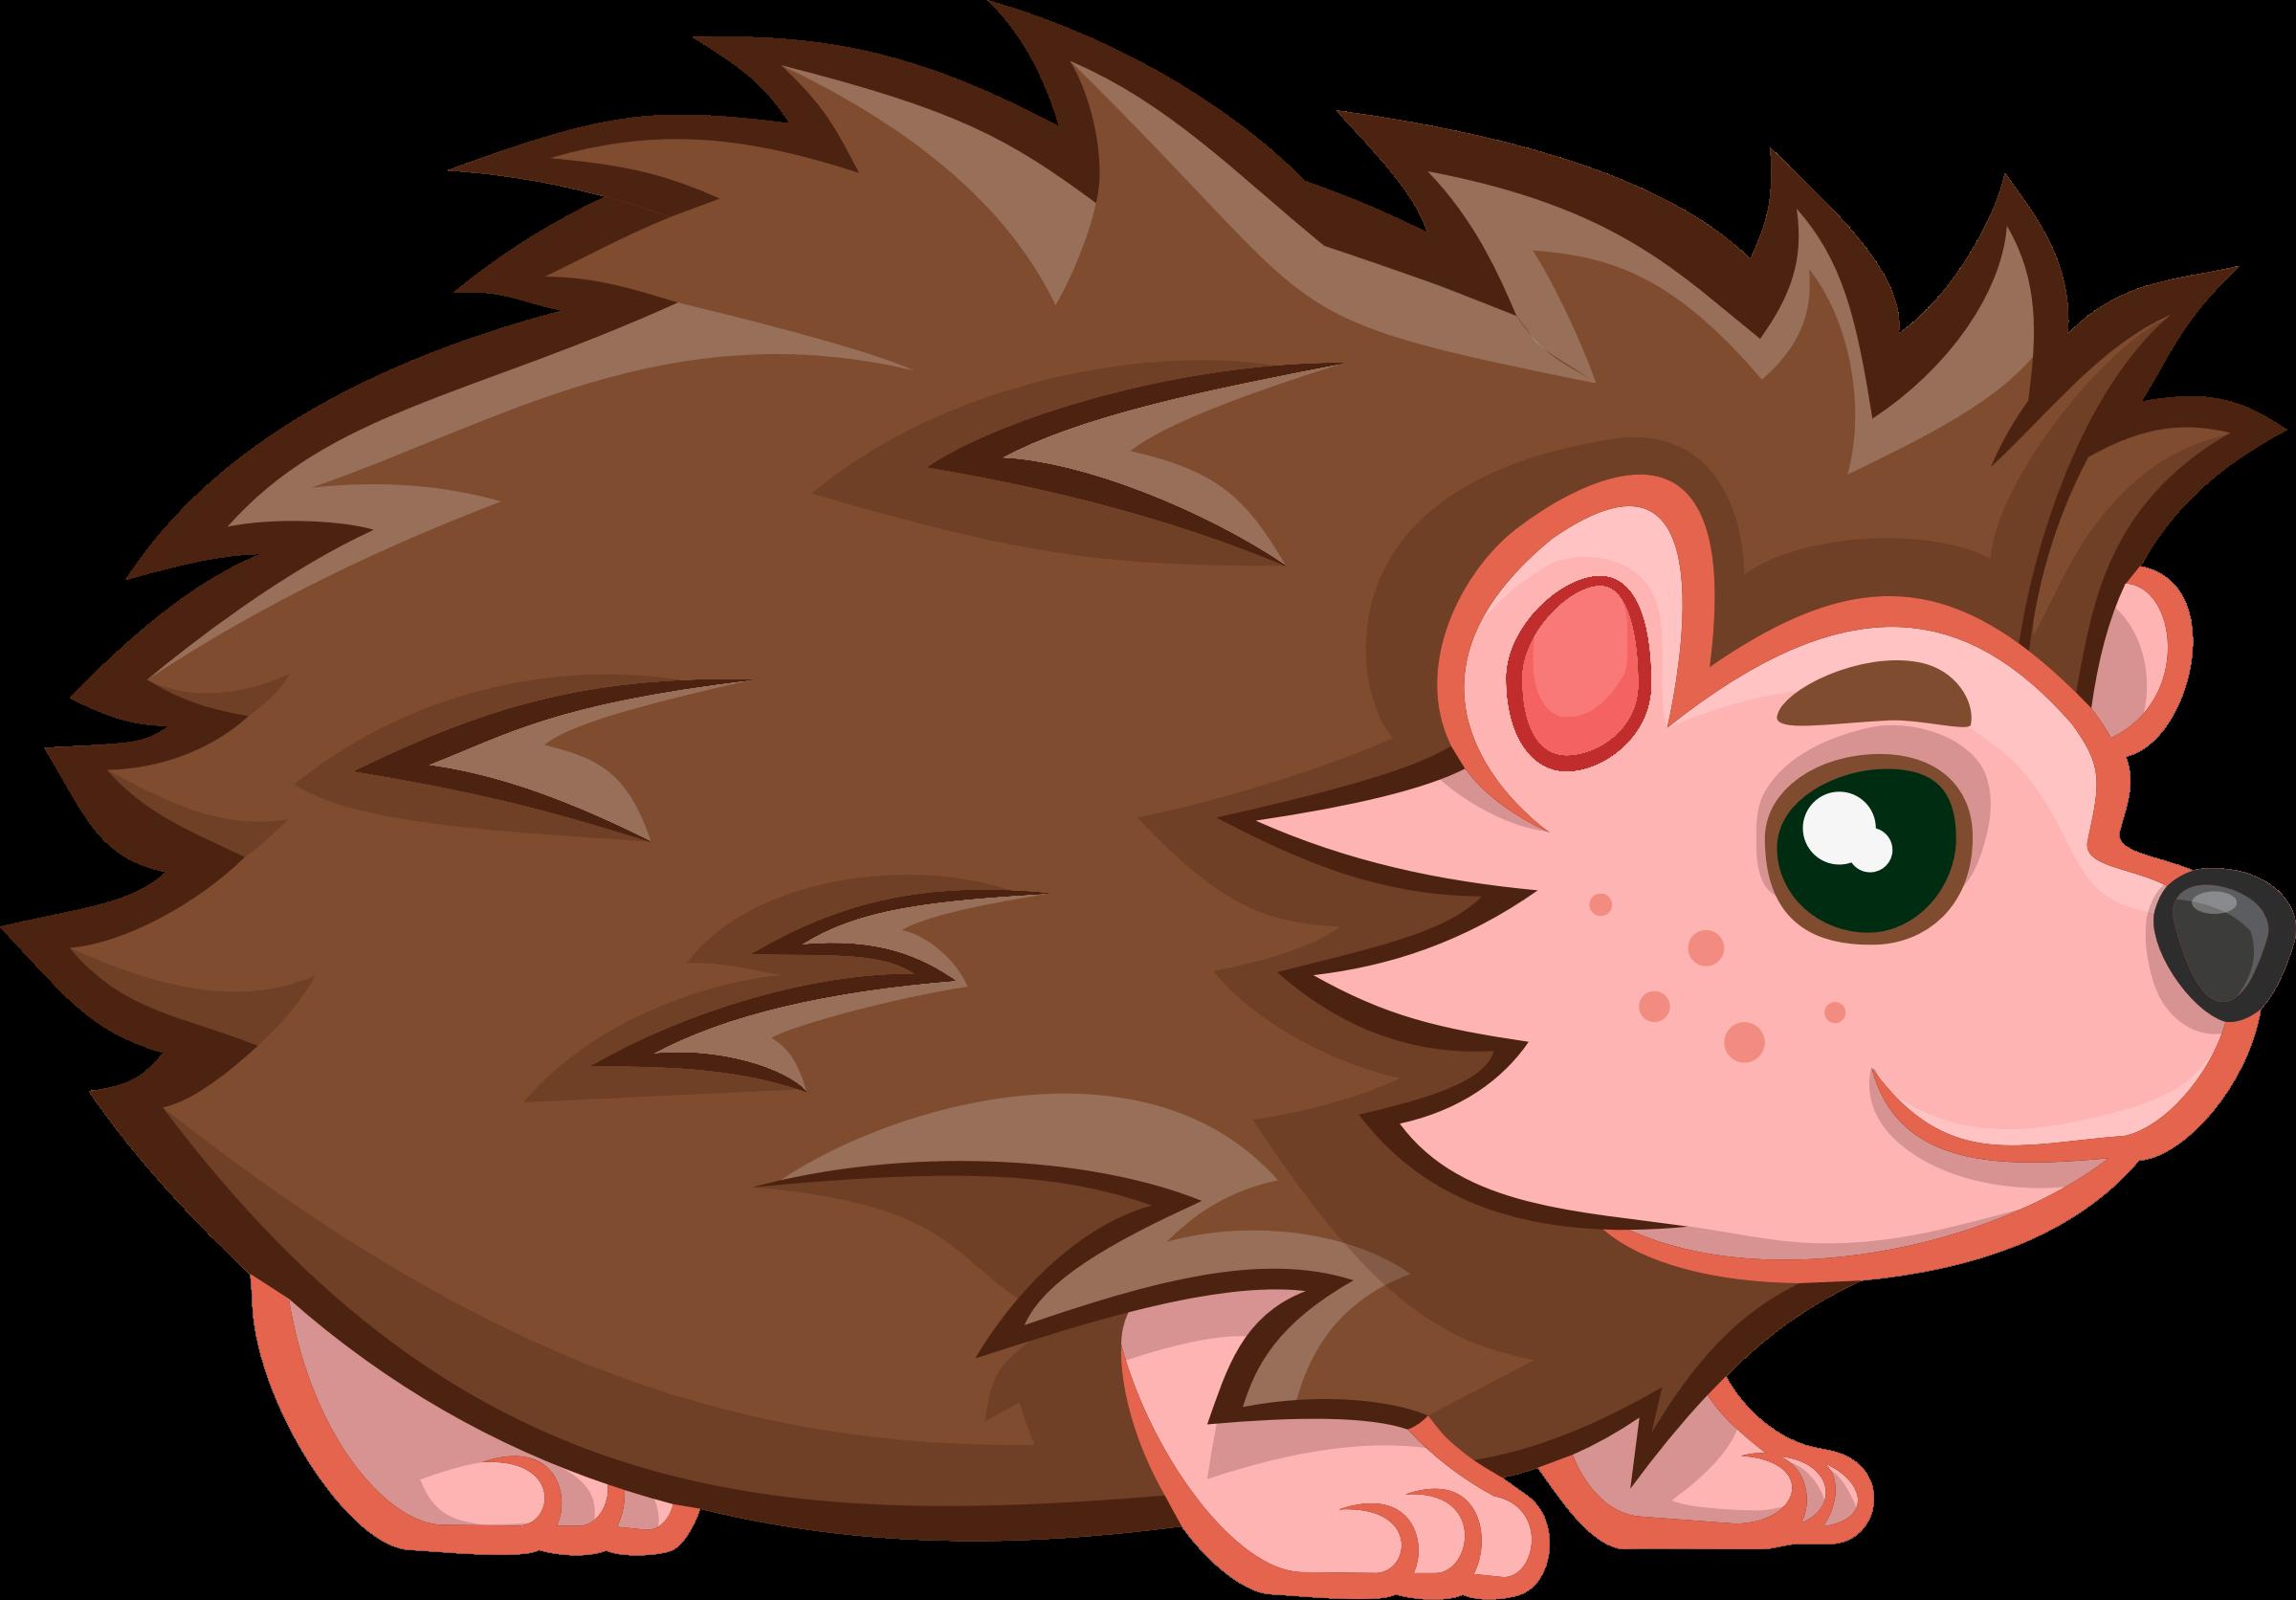 Hedgehog clipart svg. Baby big image png